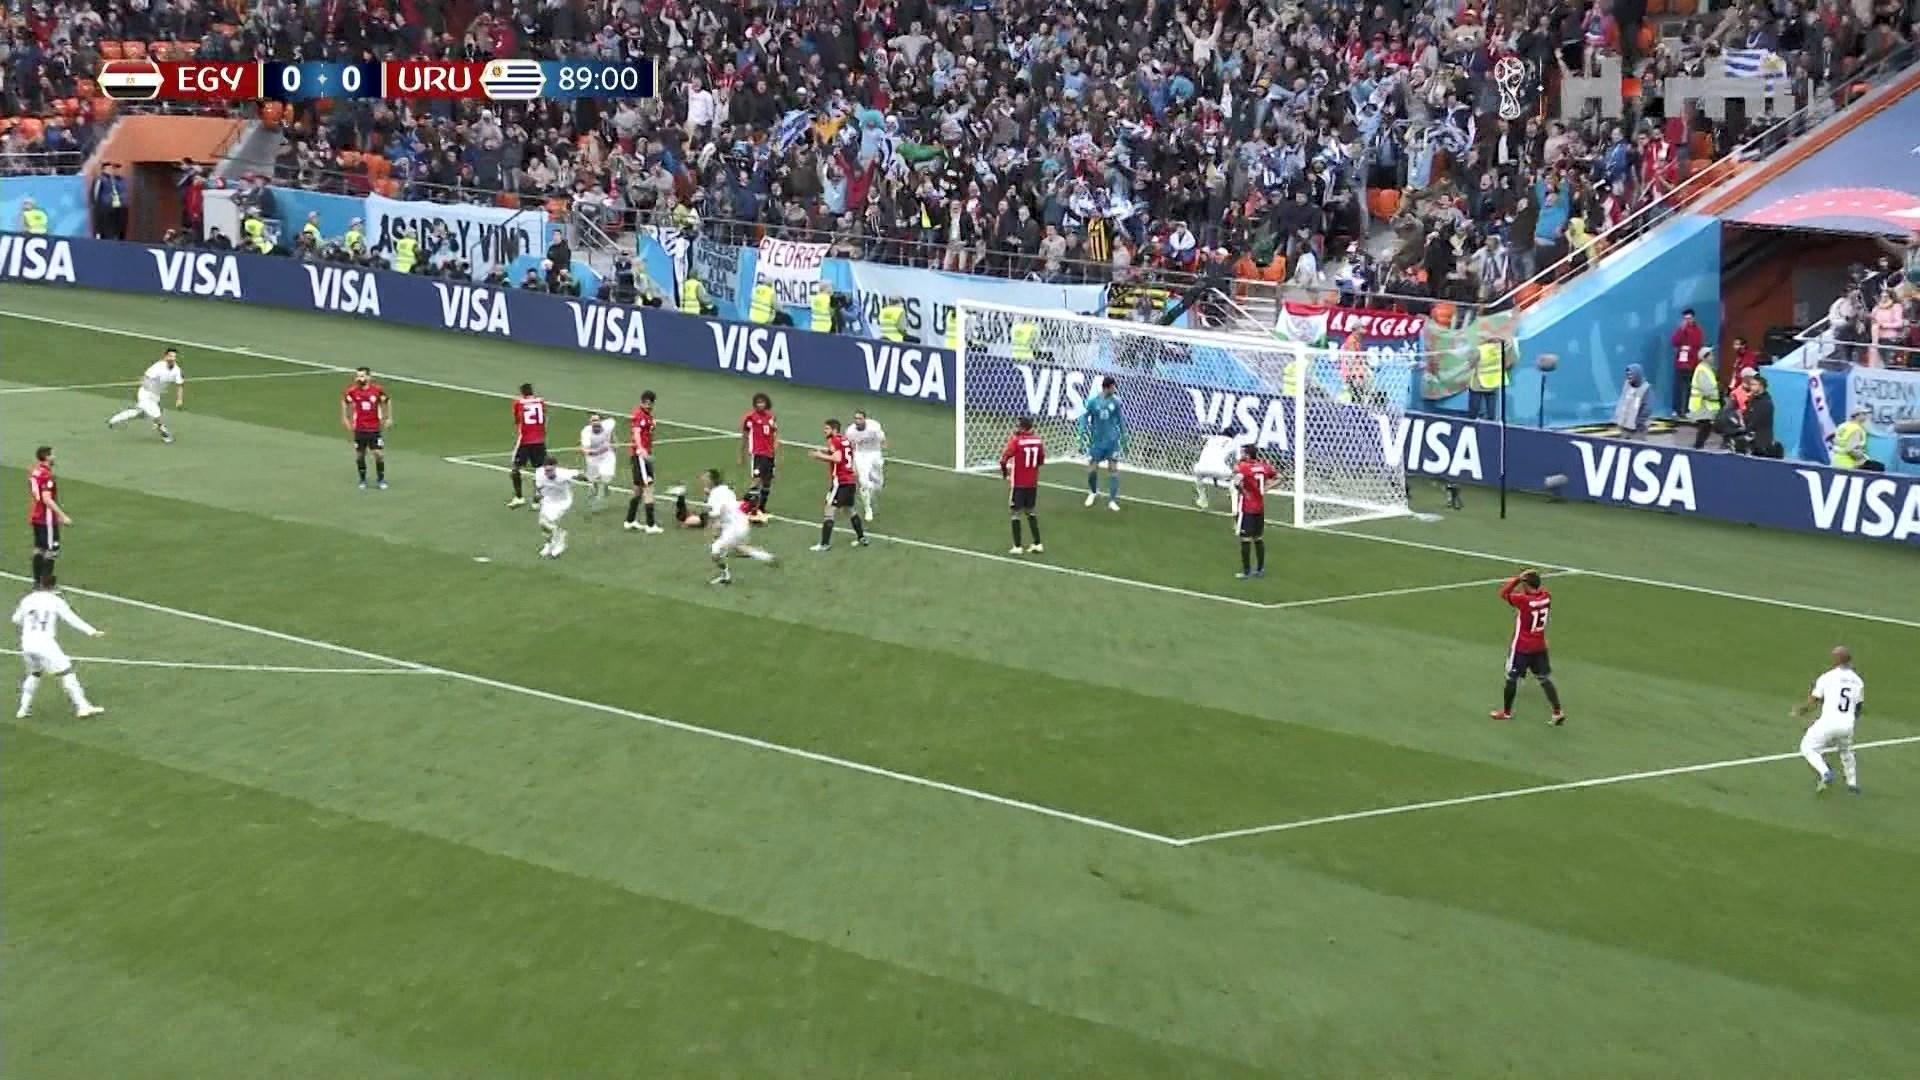 Uruguaj fiton në fund ndaj Egjiptit, falë golit të Himenezit